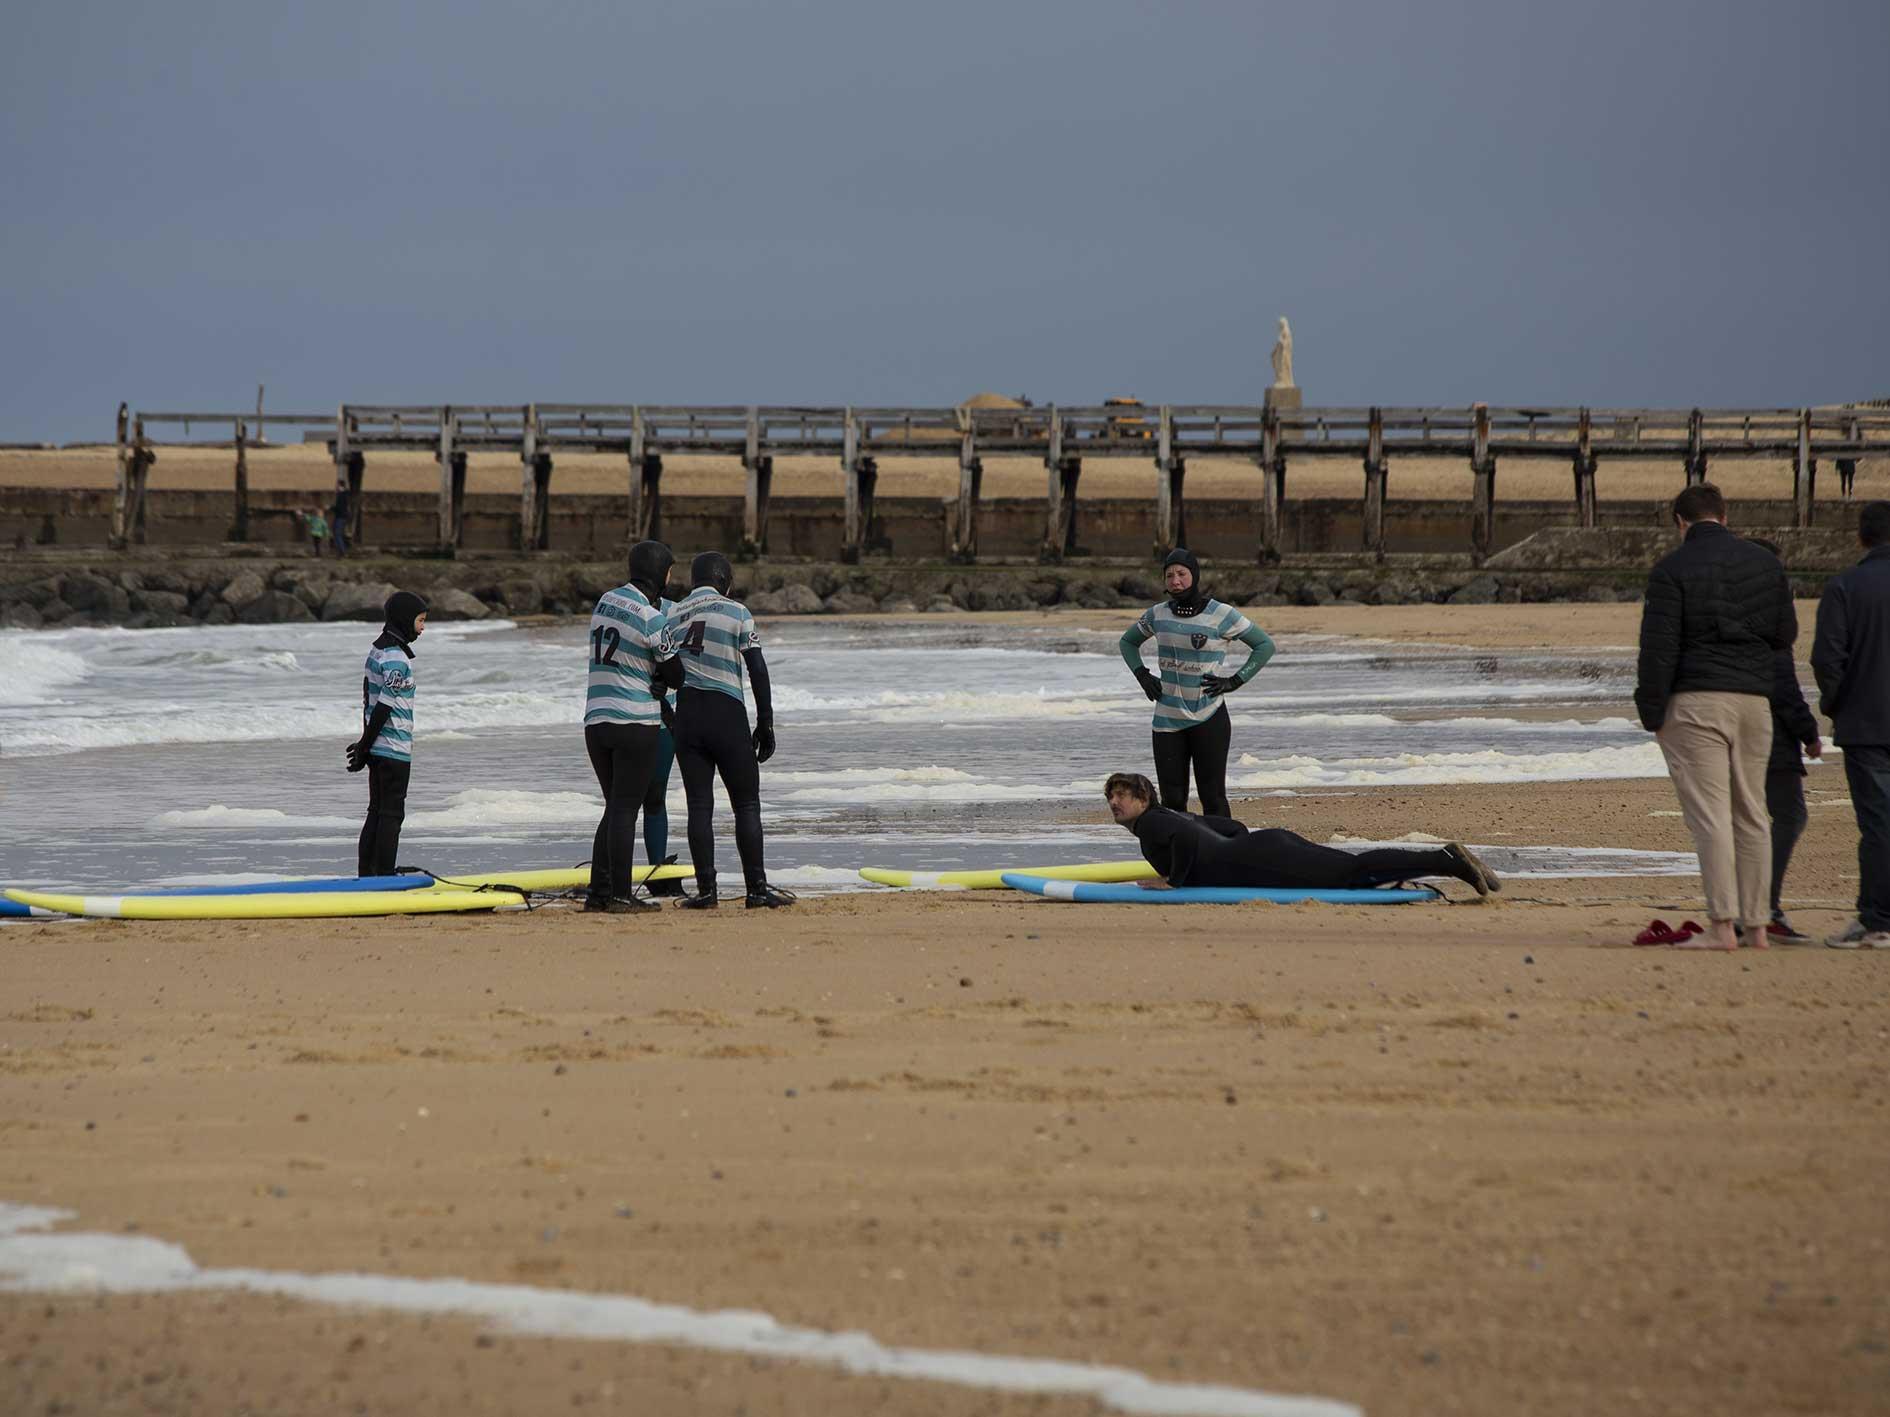 Les élèves suivent les conseils du prof de surf